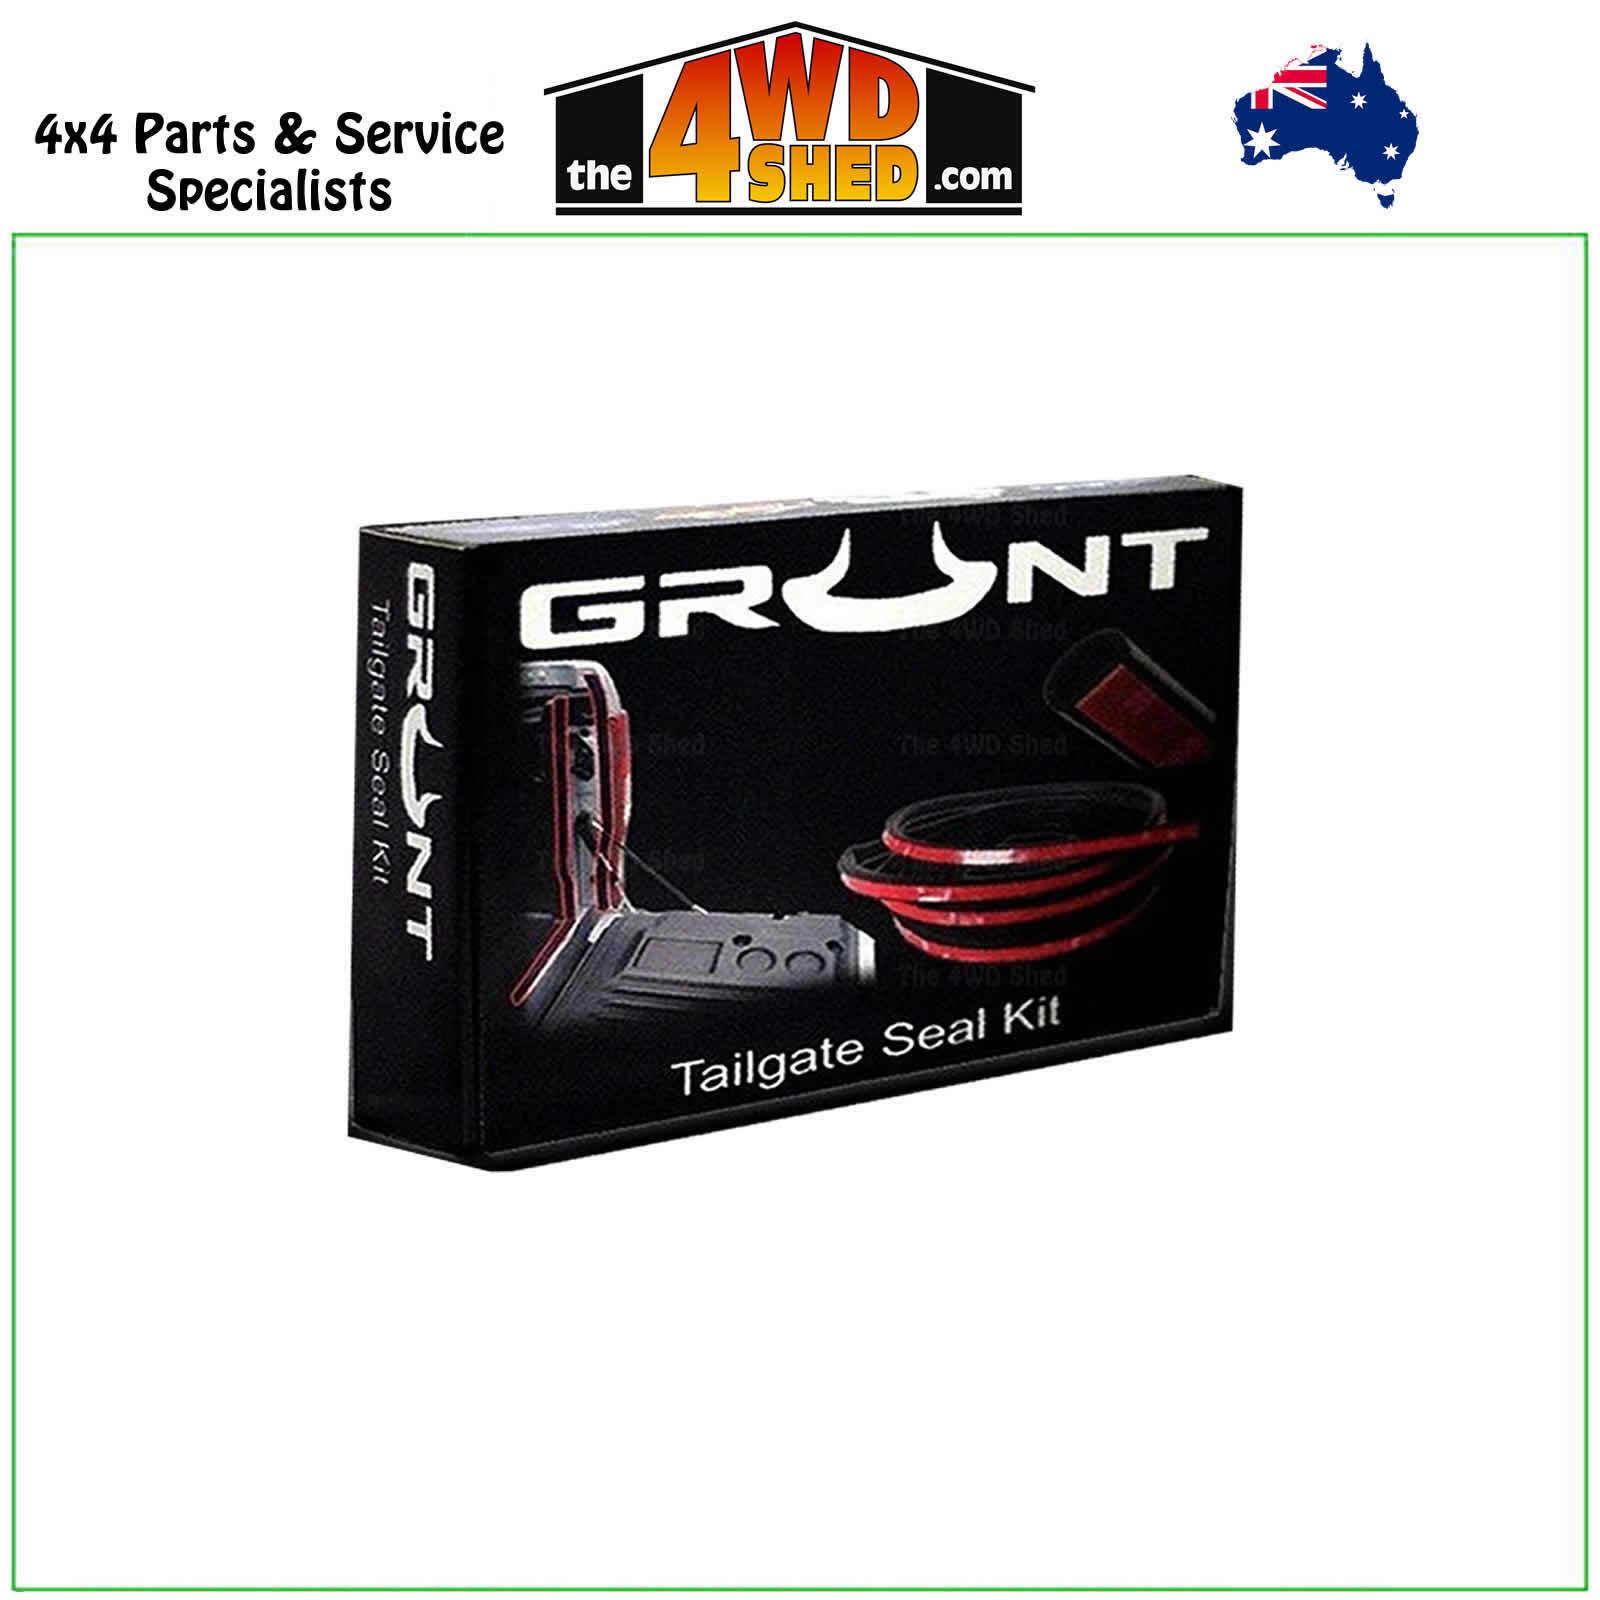 pj ranger grunt 4x4 strut kit fitting instructions